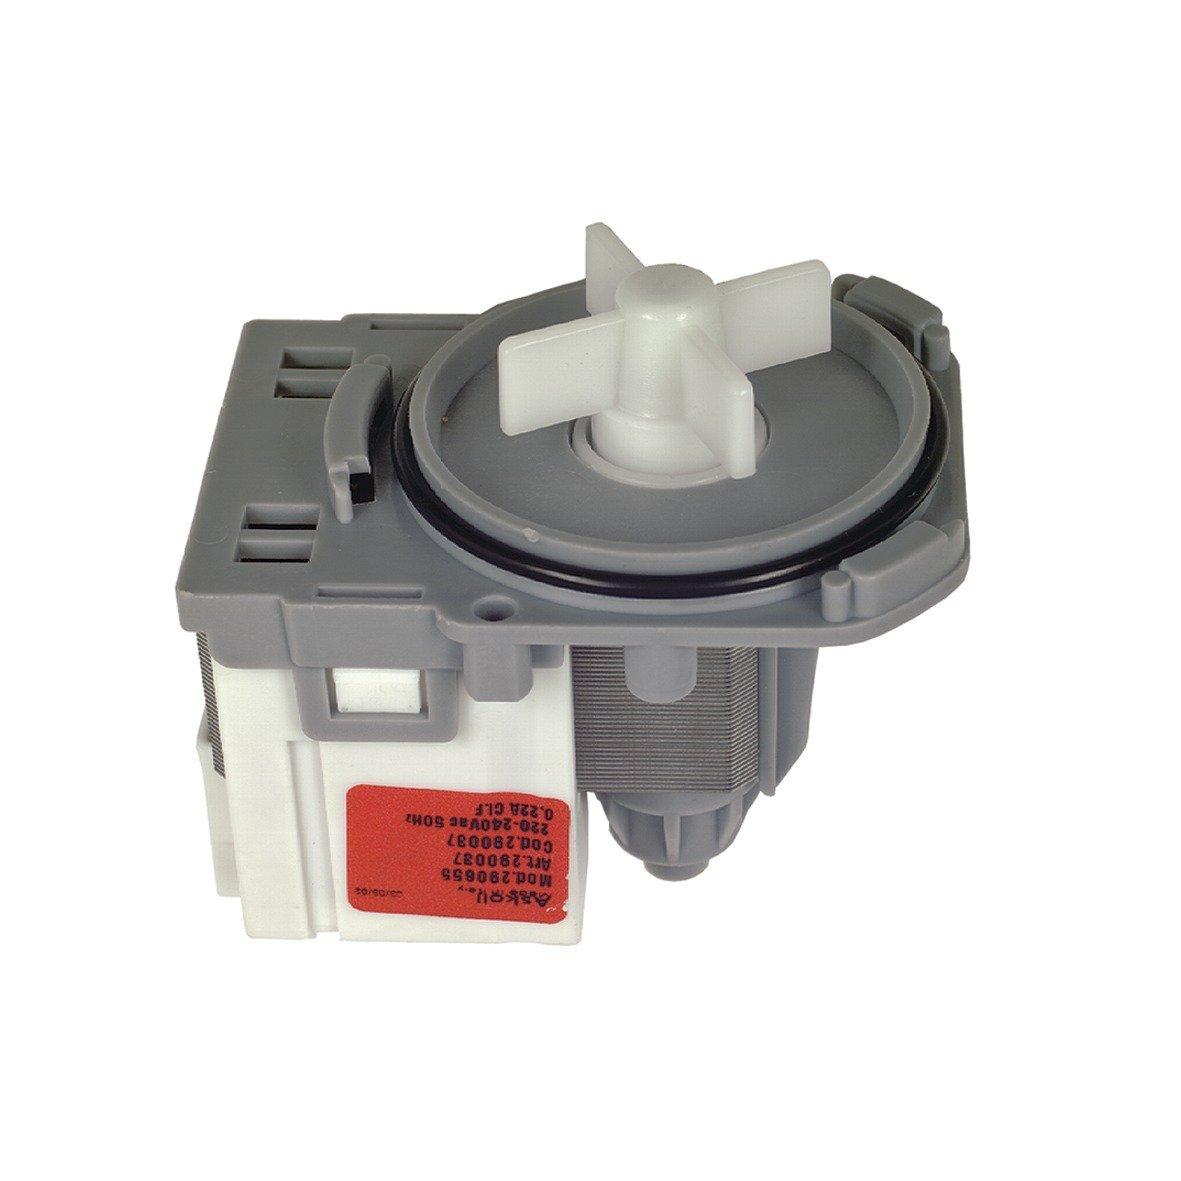 Pompa di scarico magnetica Ingegneria solo lavatrice lavastoviglie Askoll 132069901